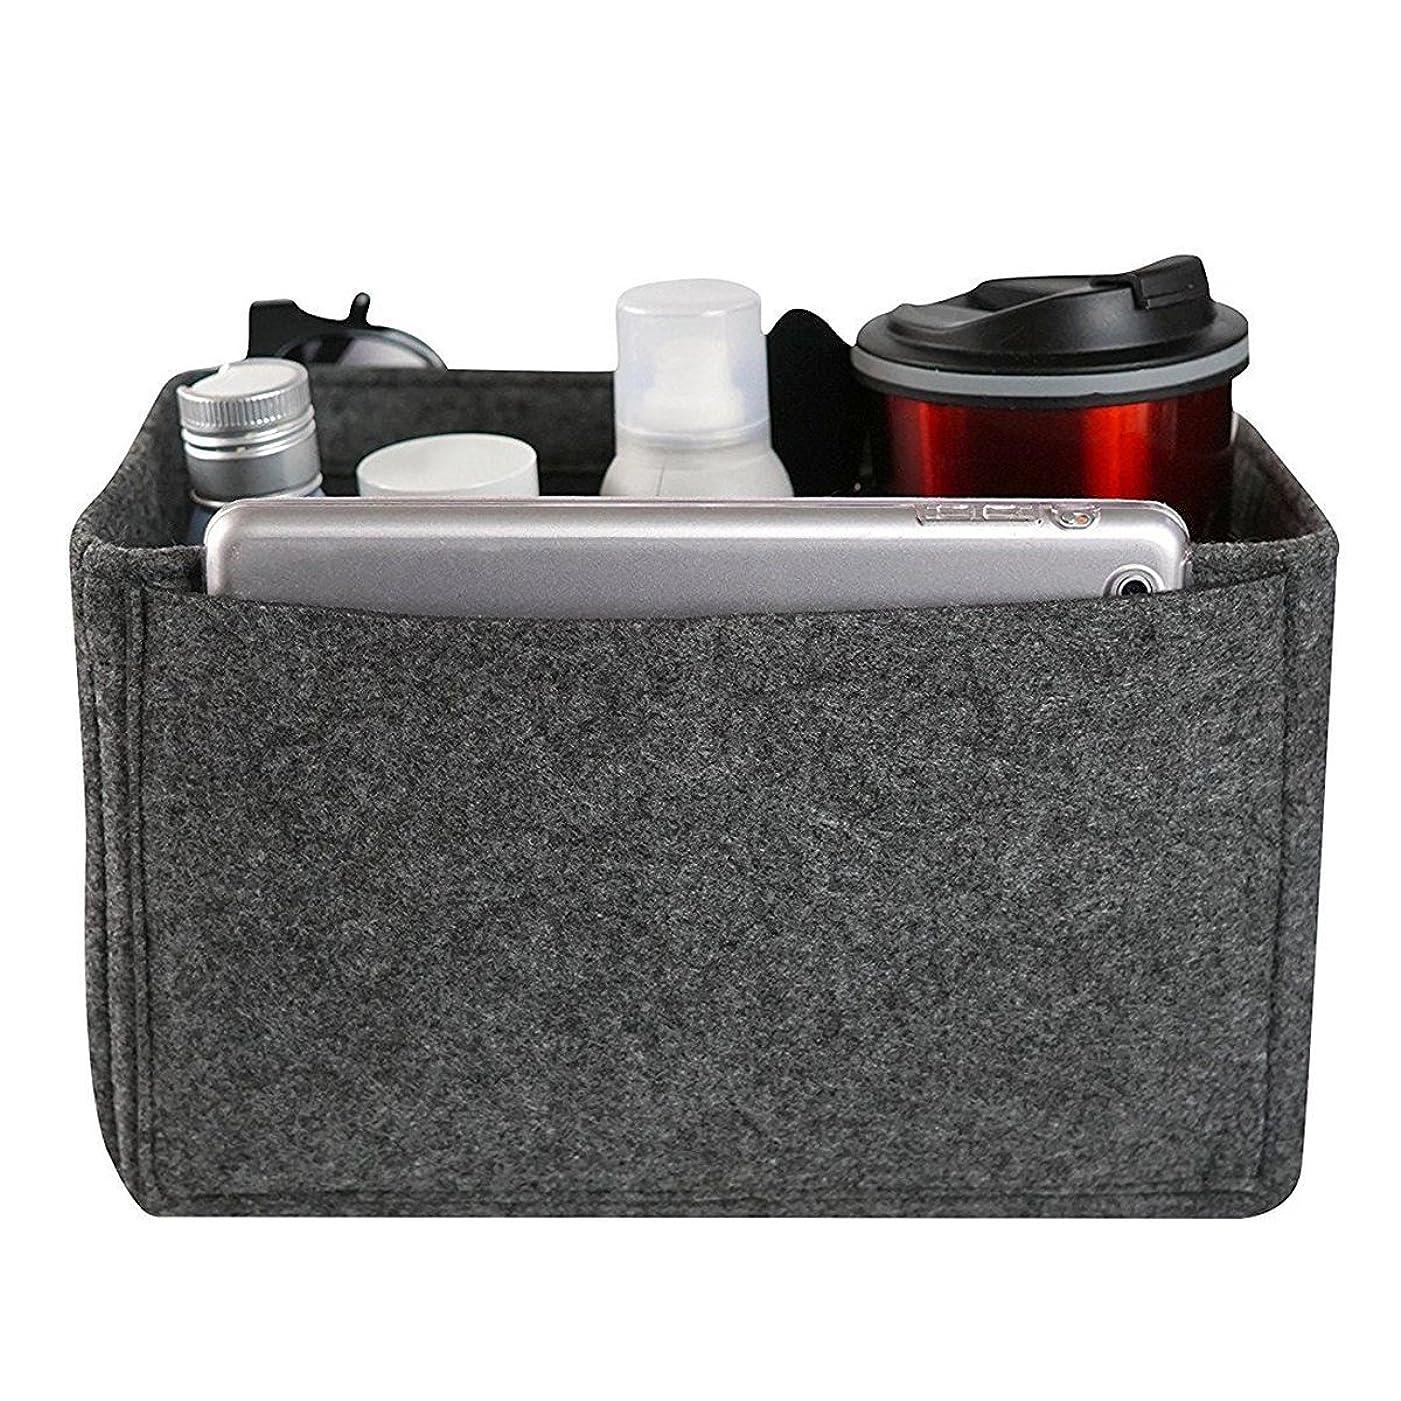 白い講師見る人YZUEYT フェルトインサートバッグマルチポケット化粧品ハンドバッグ財布オーガナイザーホルダーメイクアップトラベルジッパー YZUEYT (Color : Color dark gray, Size : XL)